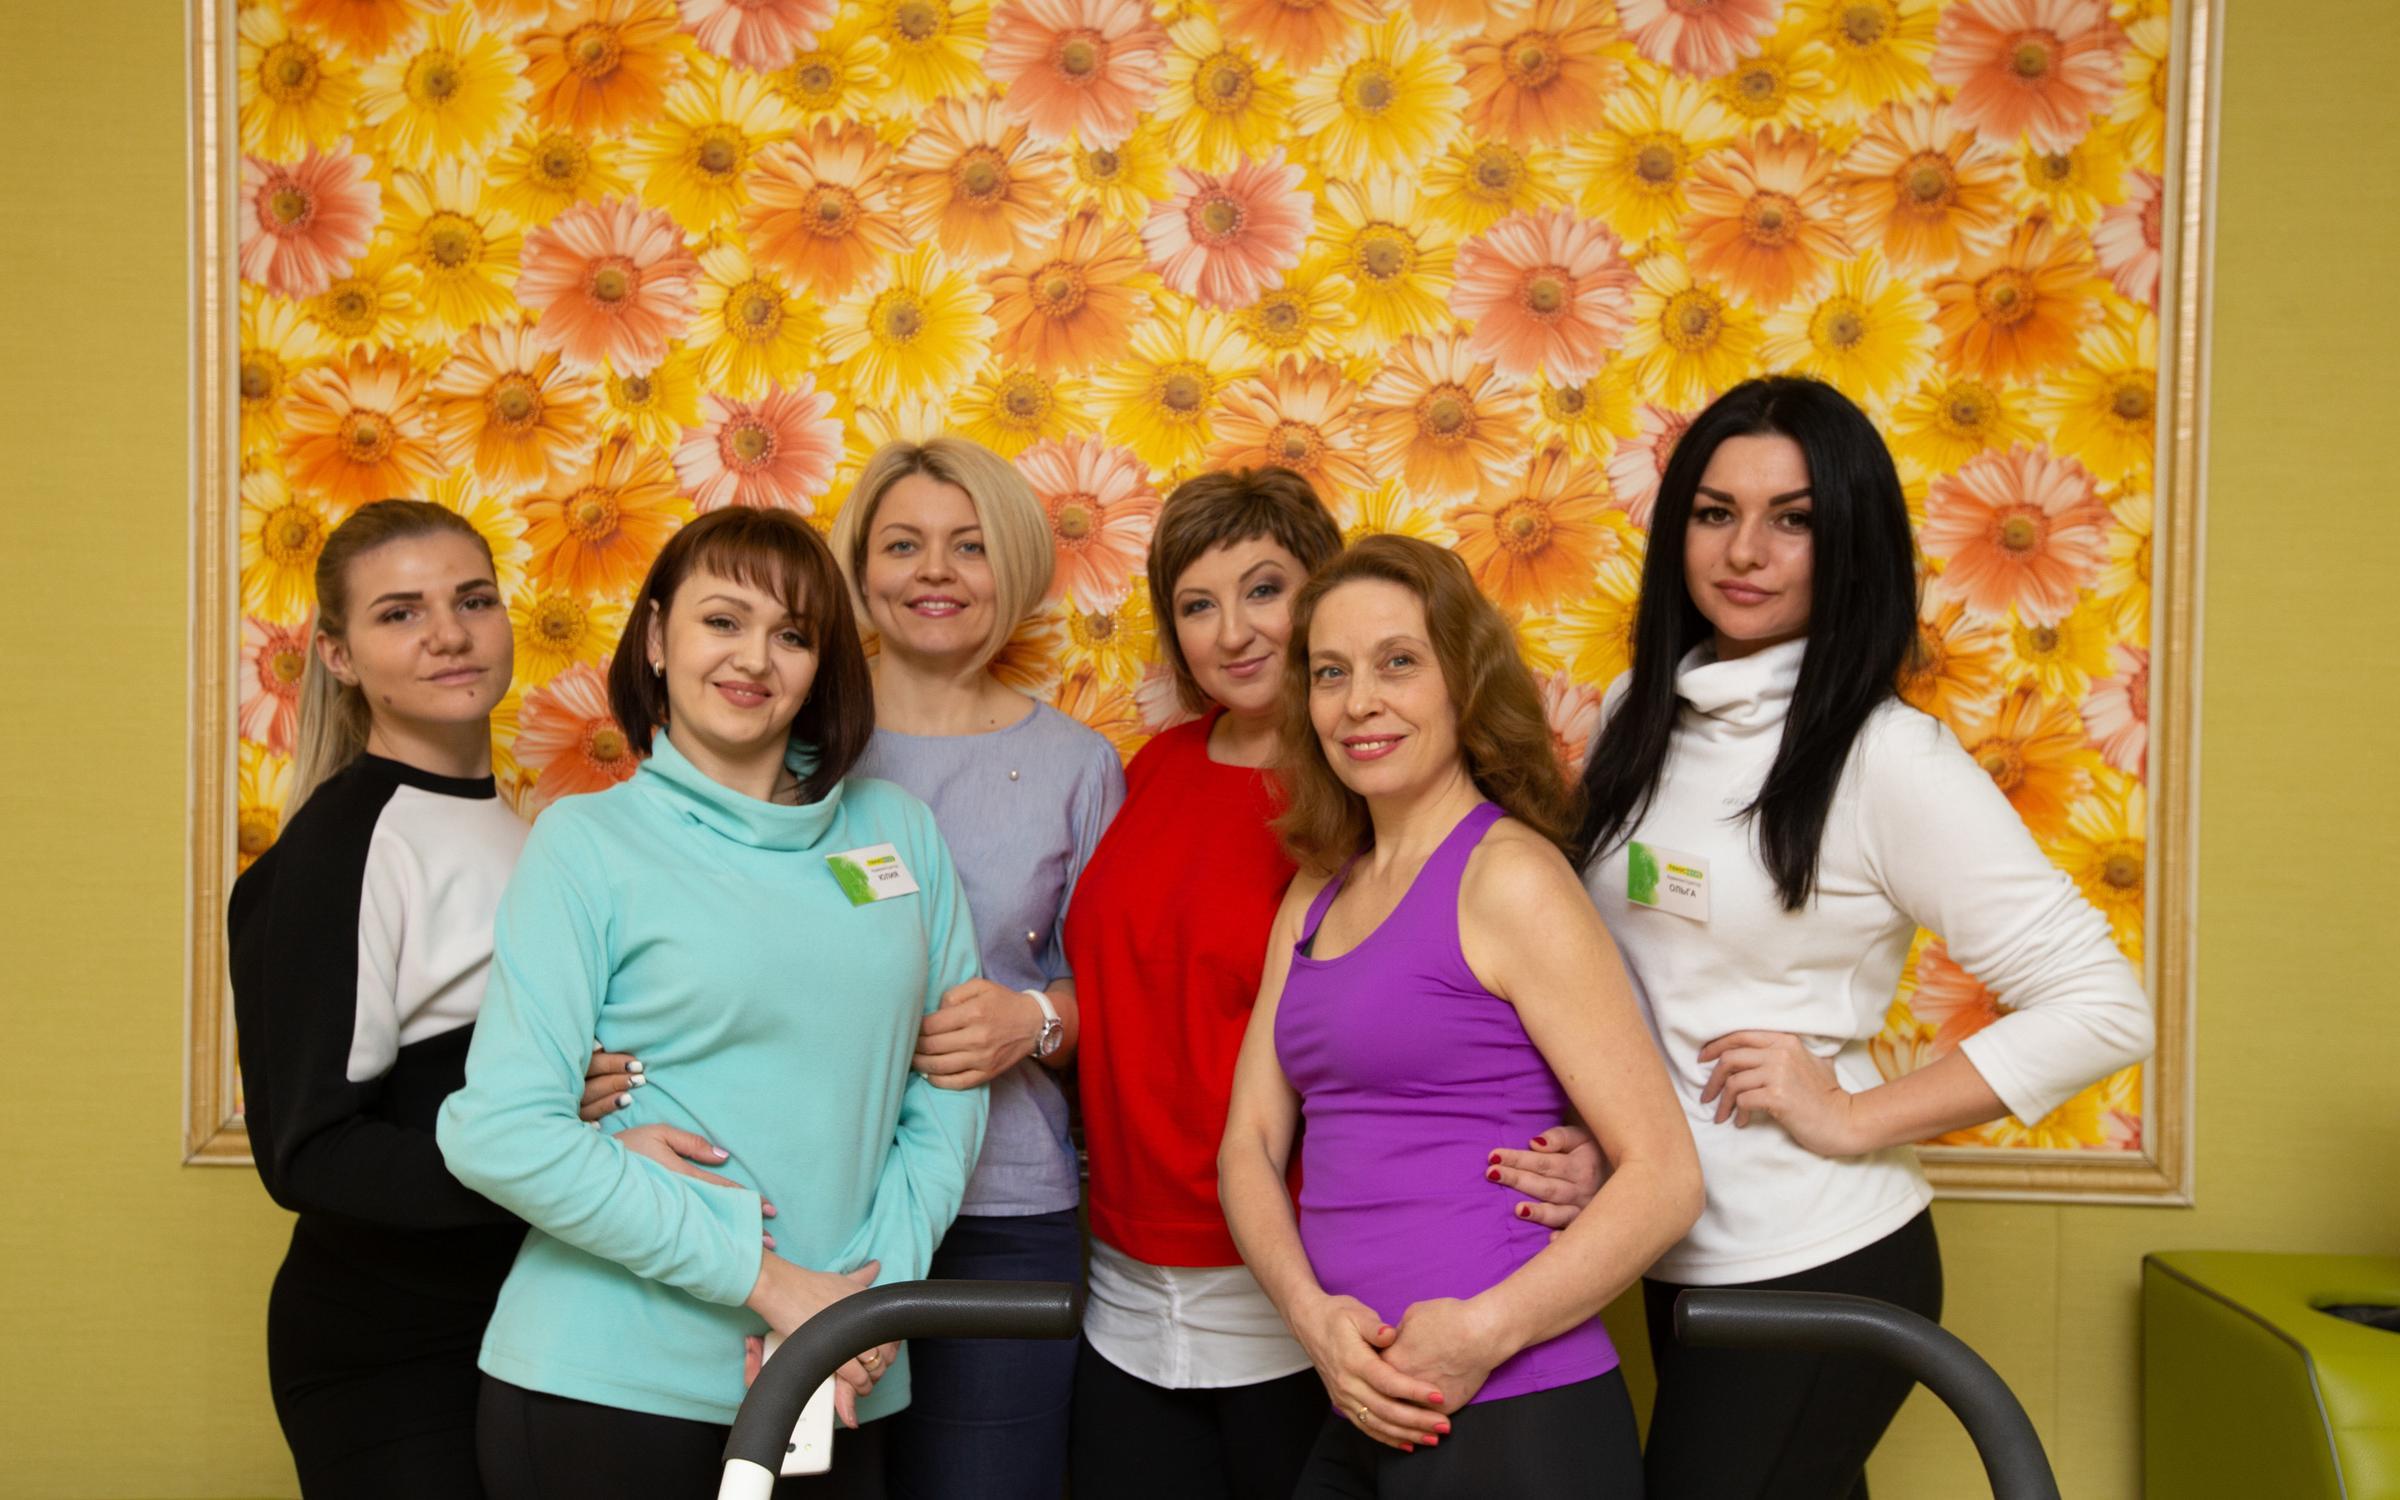 фотография Женского фитнес-клуба ТОНУС-КЛУБ на Братиславской улице